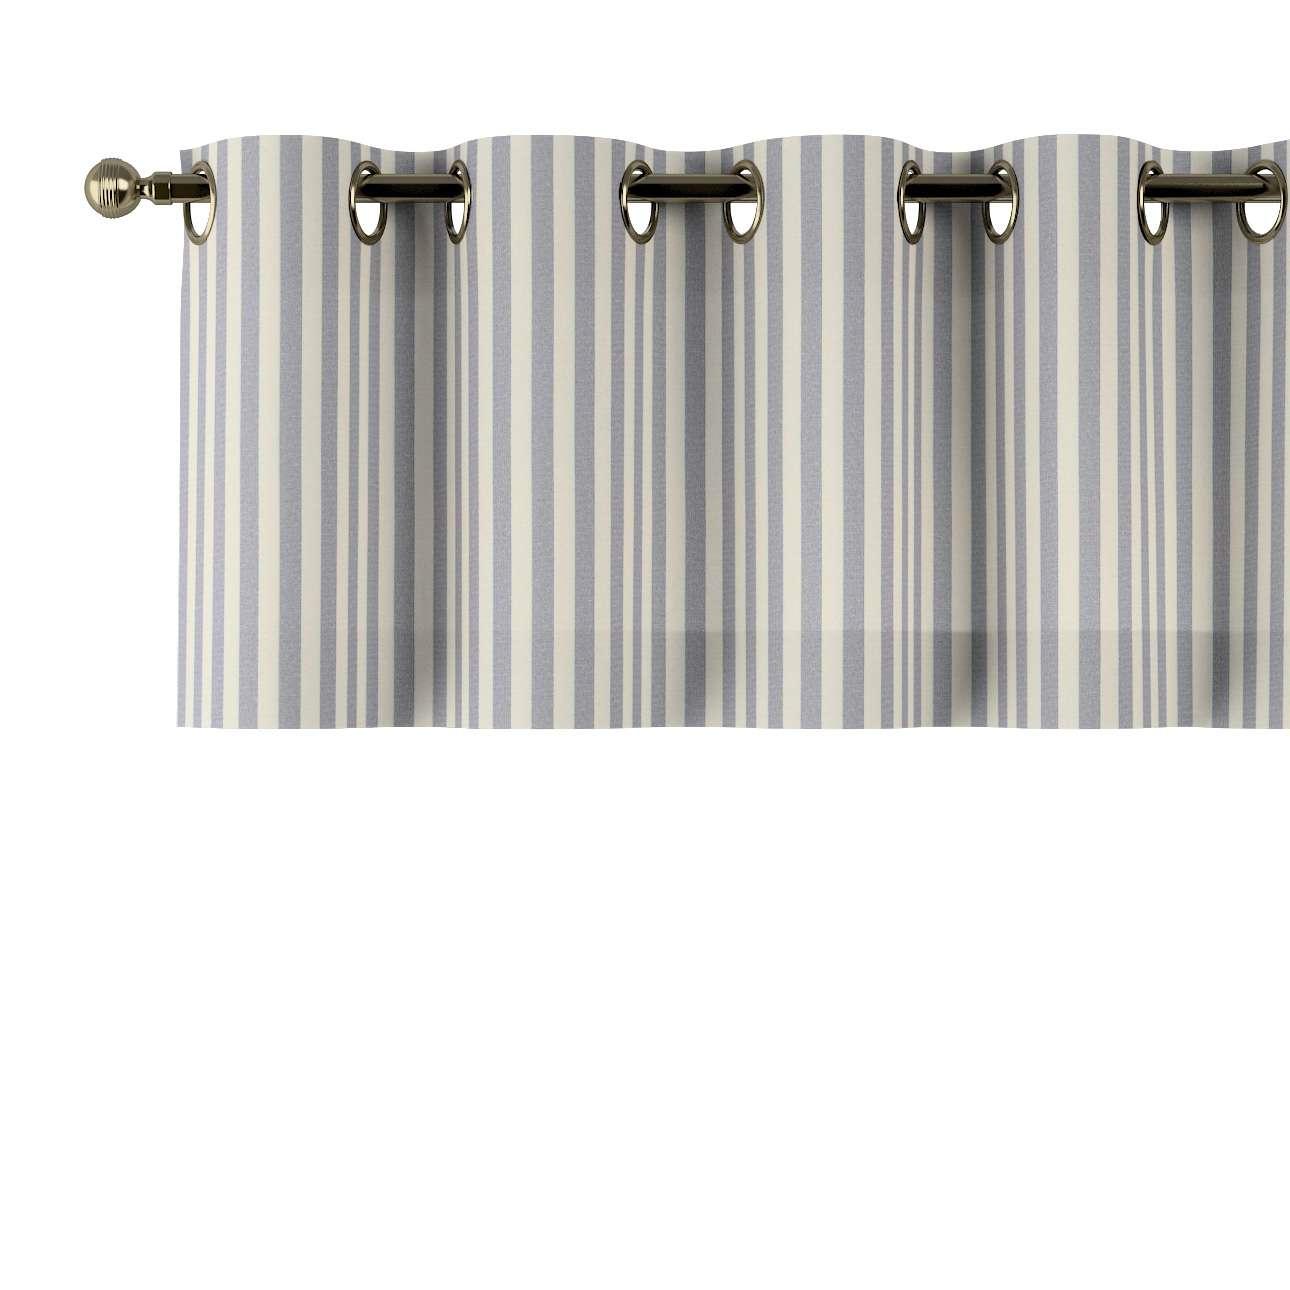 Trumpa užuolaidėlė (lambrekenas) žiedinis klostavimas 130x40cm kolekcijoje Quadro, audinys: 136-02